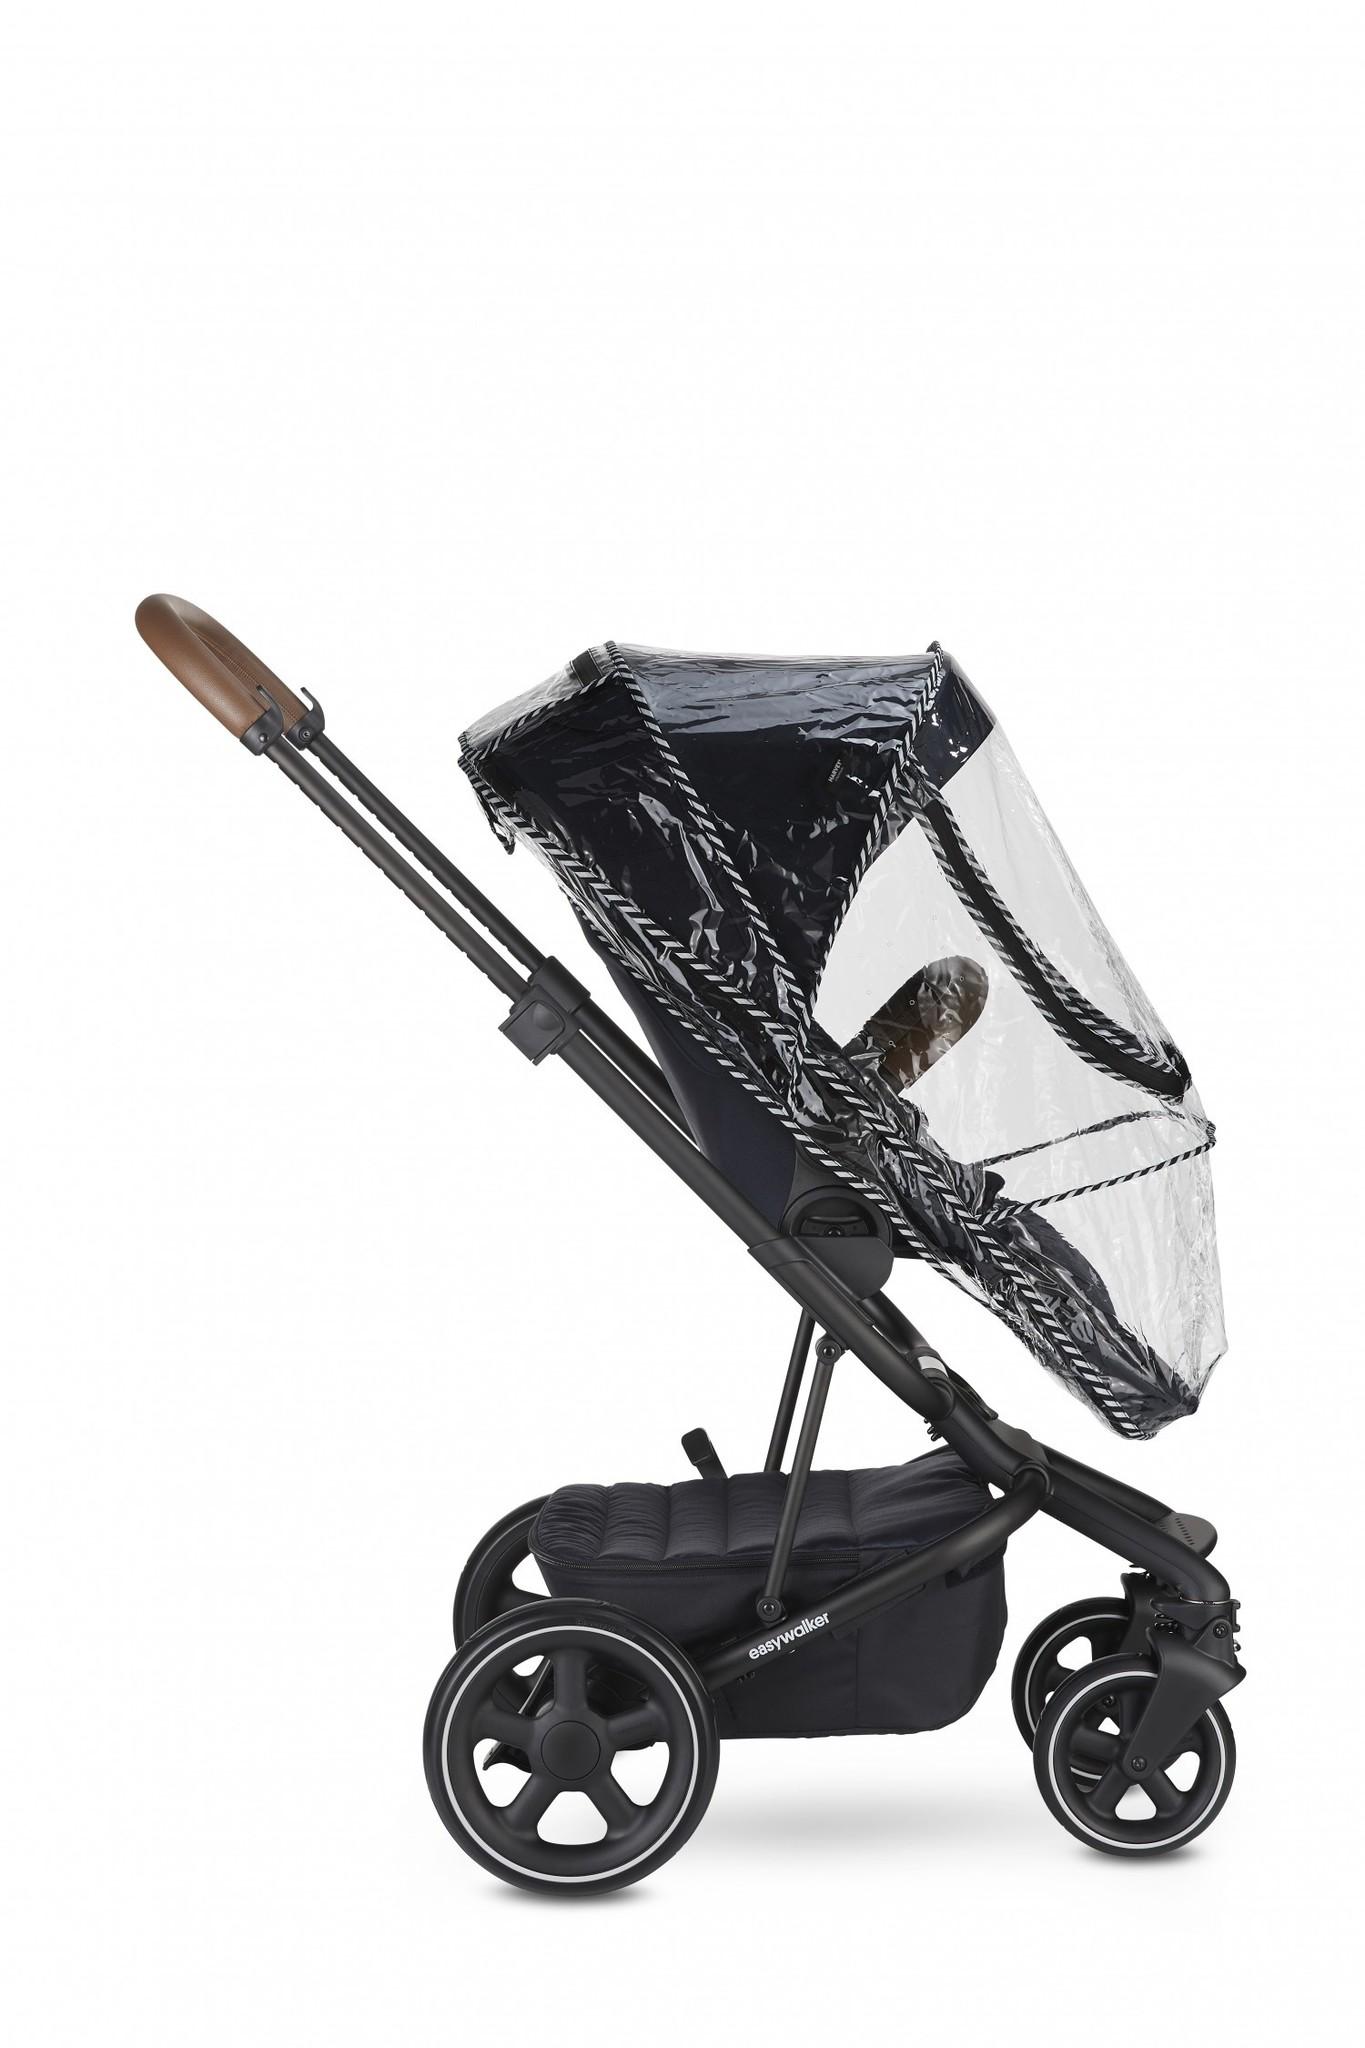 Easywalker Easywalker Harvey² premium setaanbieding in Onyx Black - Kinderwagen met reiswieg